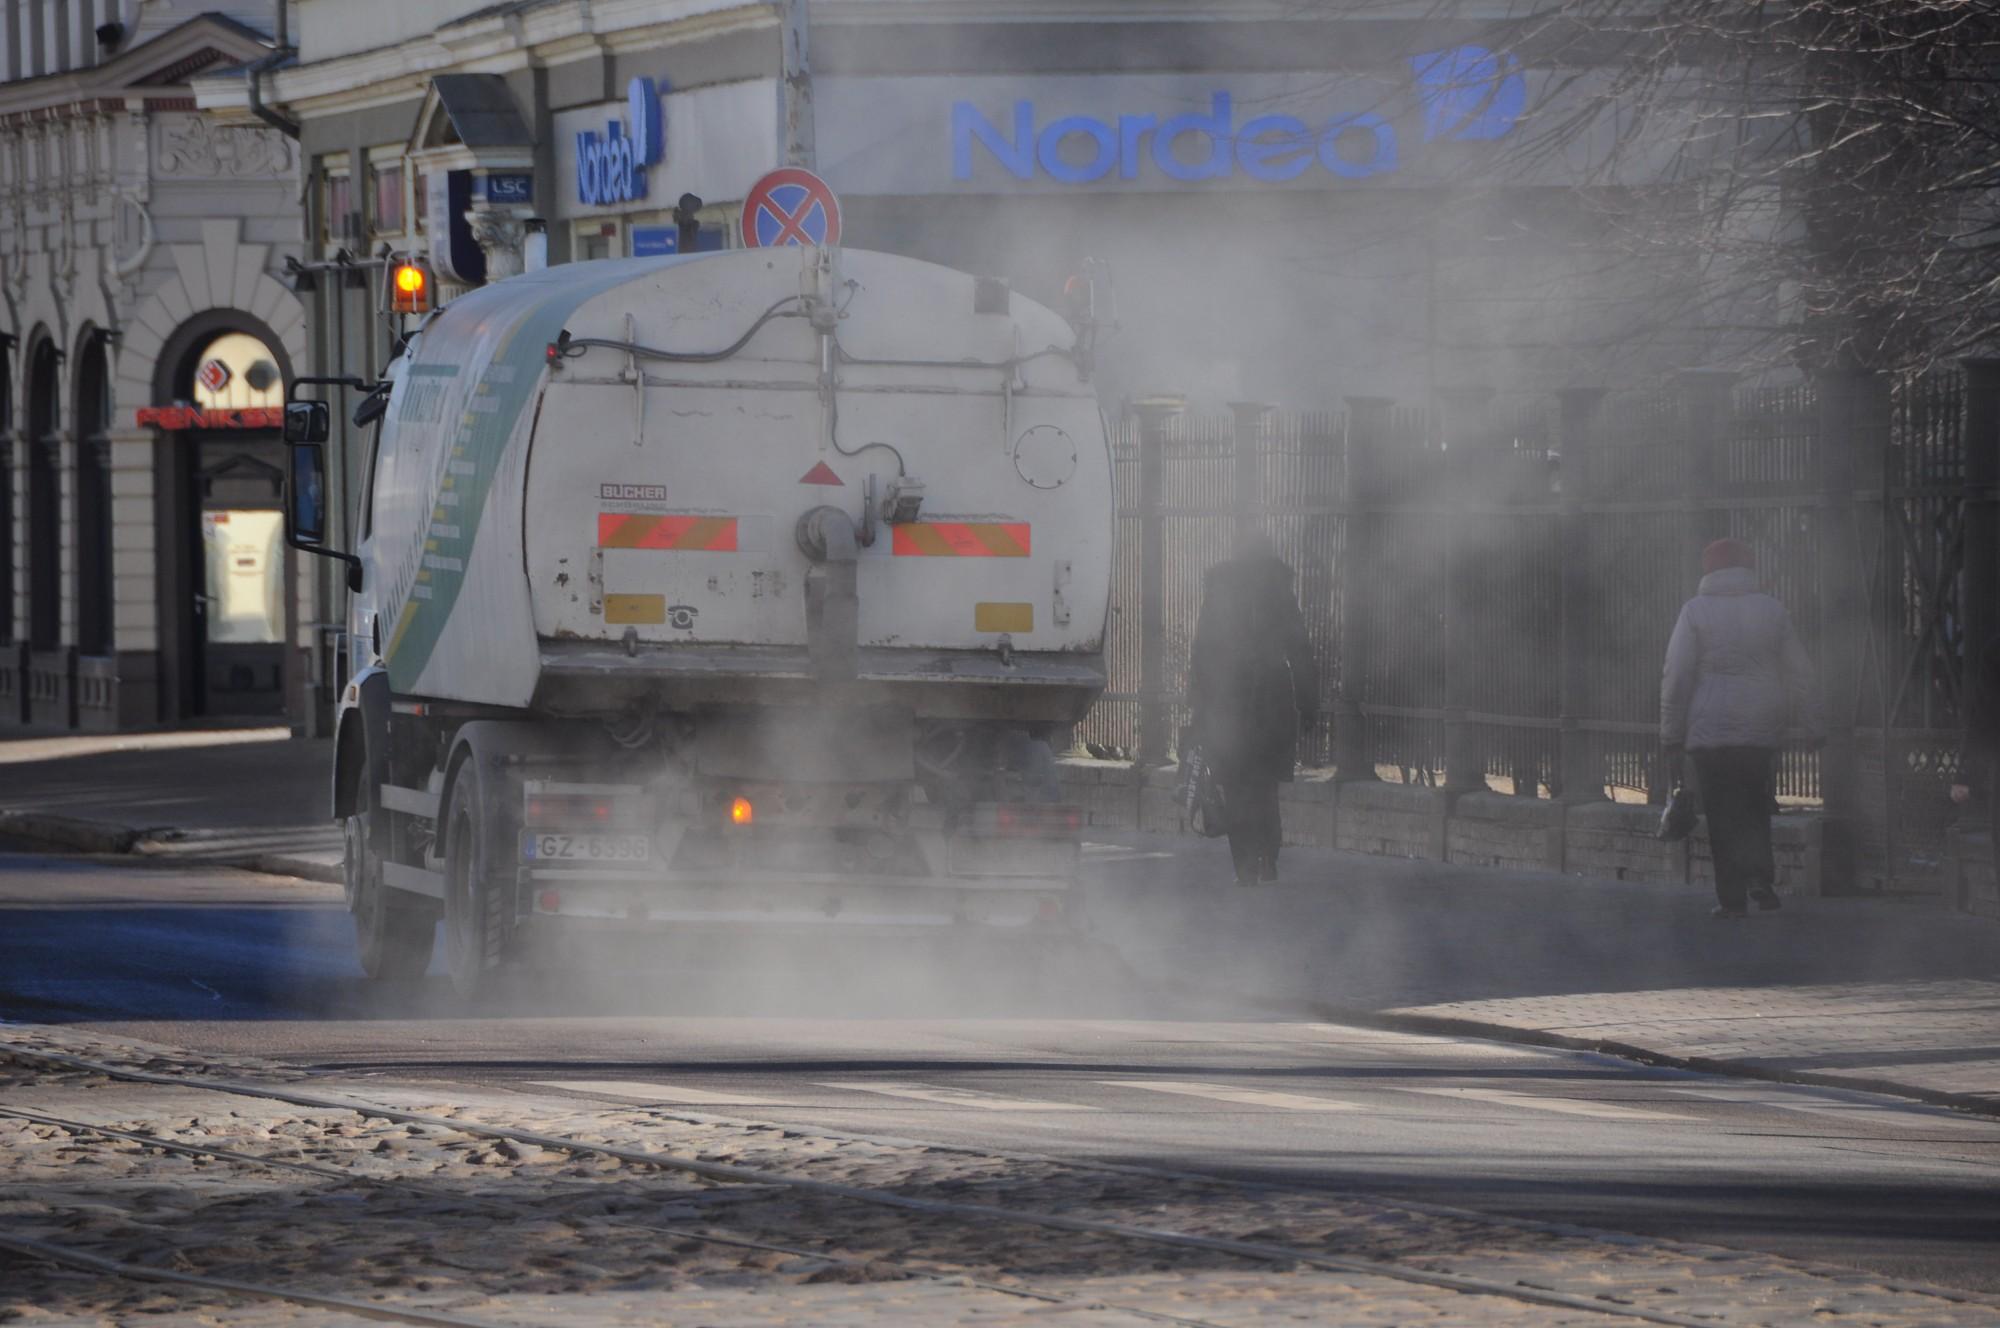 Putekļu daudzums Liepājas ielās pārsniedz pieļaujamo